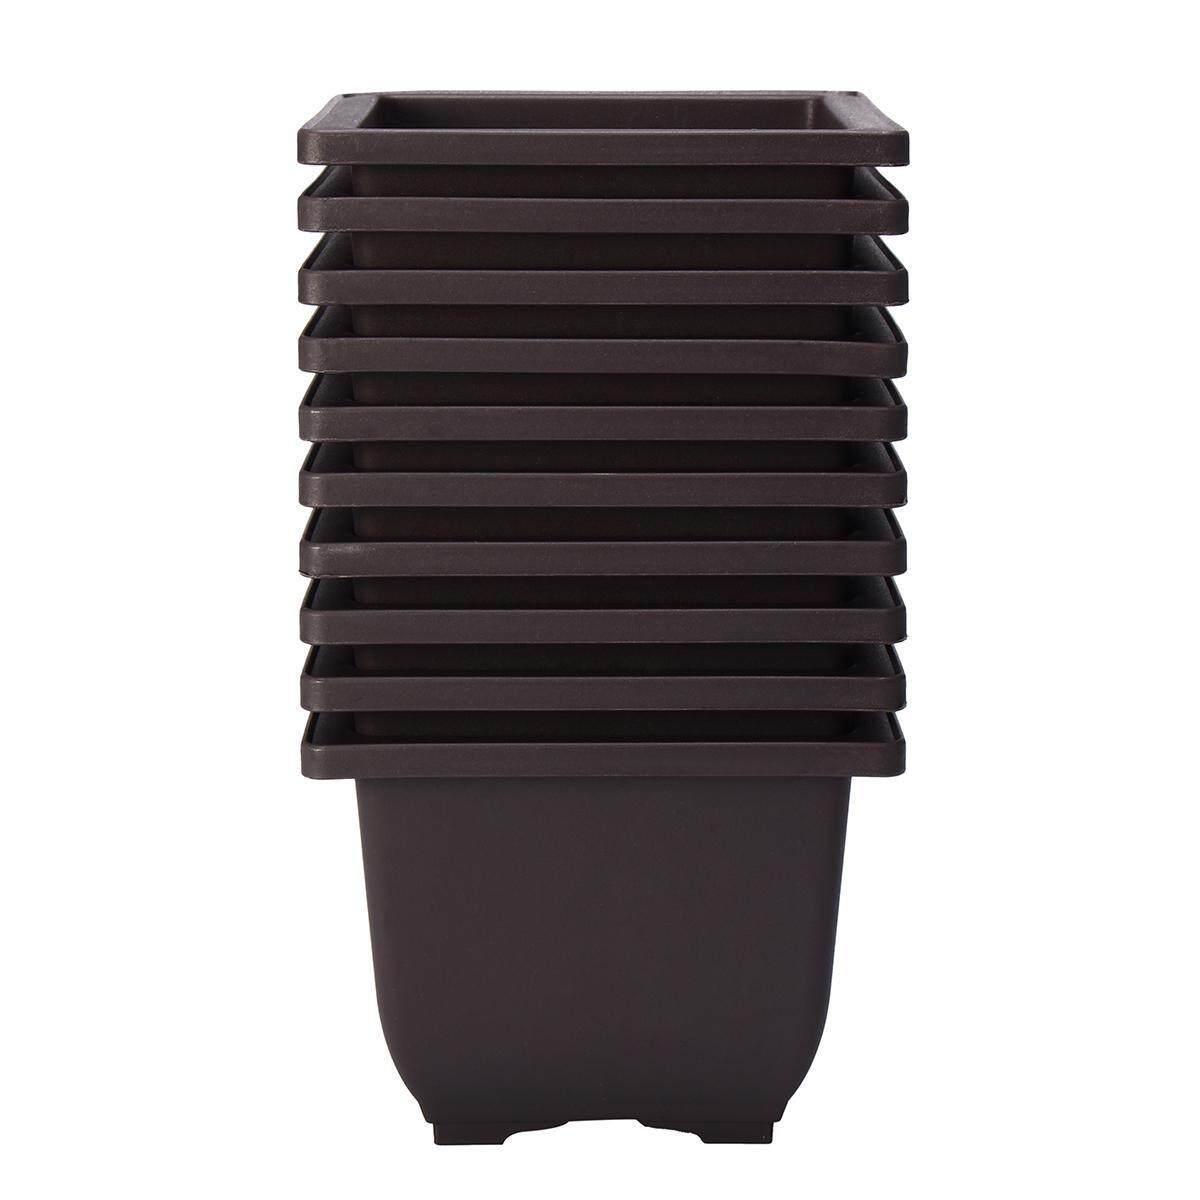 mit M8 V2A Edelstahl Endkappe leicht gewölbt für Rohr 33,7 x 2,6 mm #2714